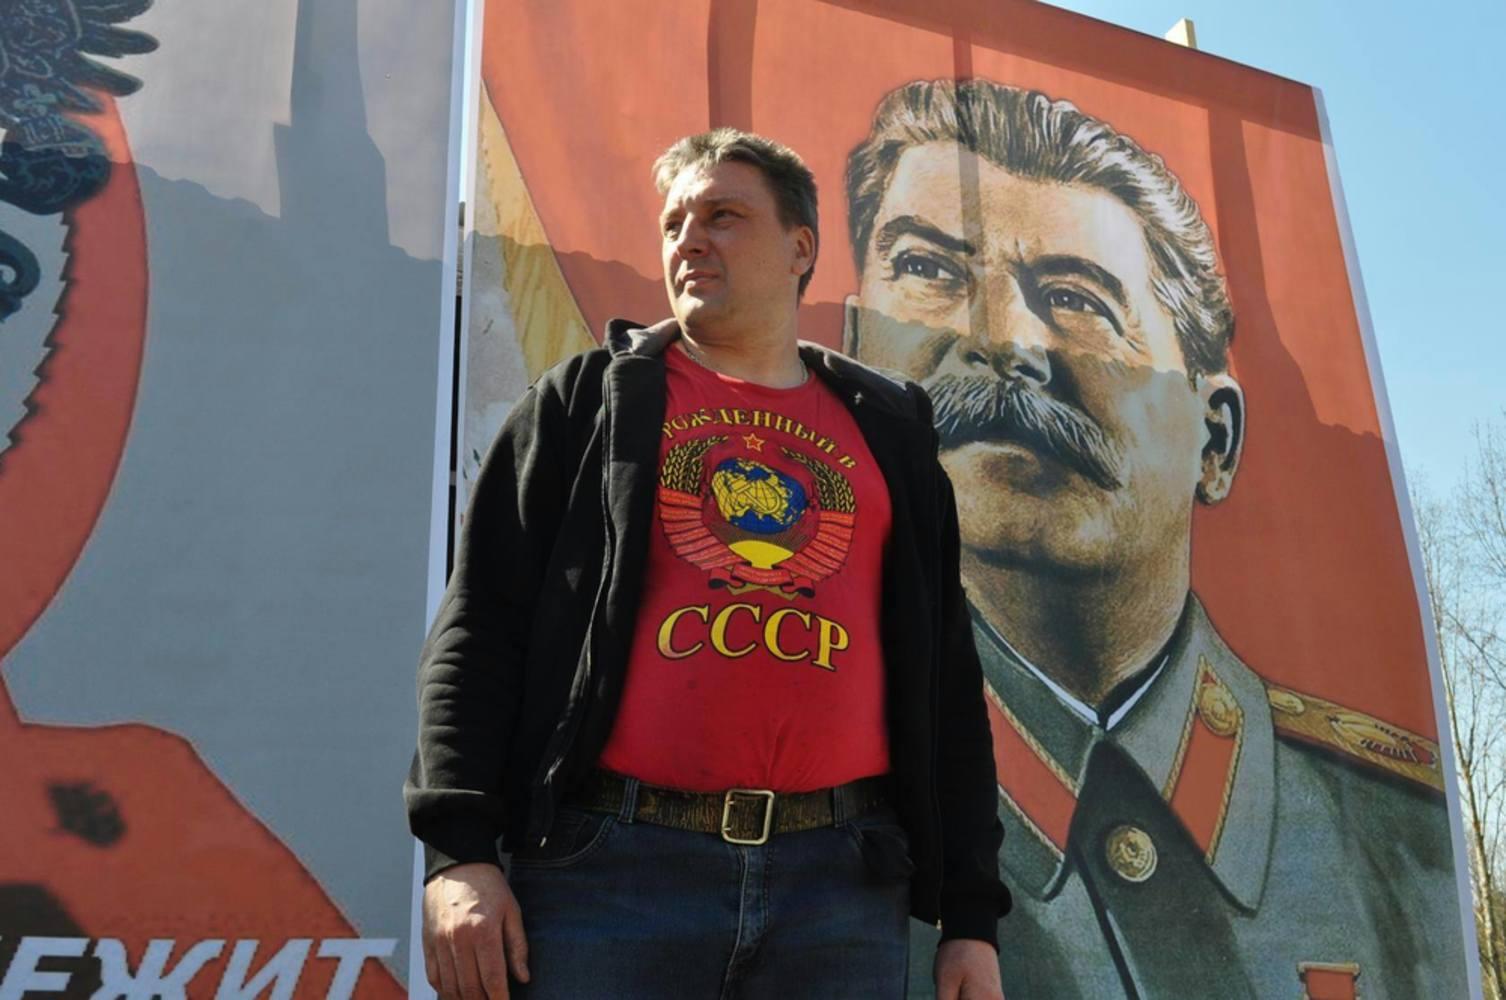 СССР еще жив? Развенчиваем популярный миф